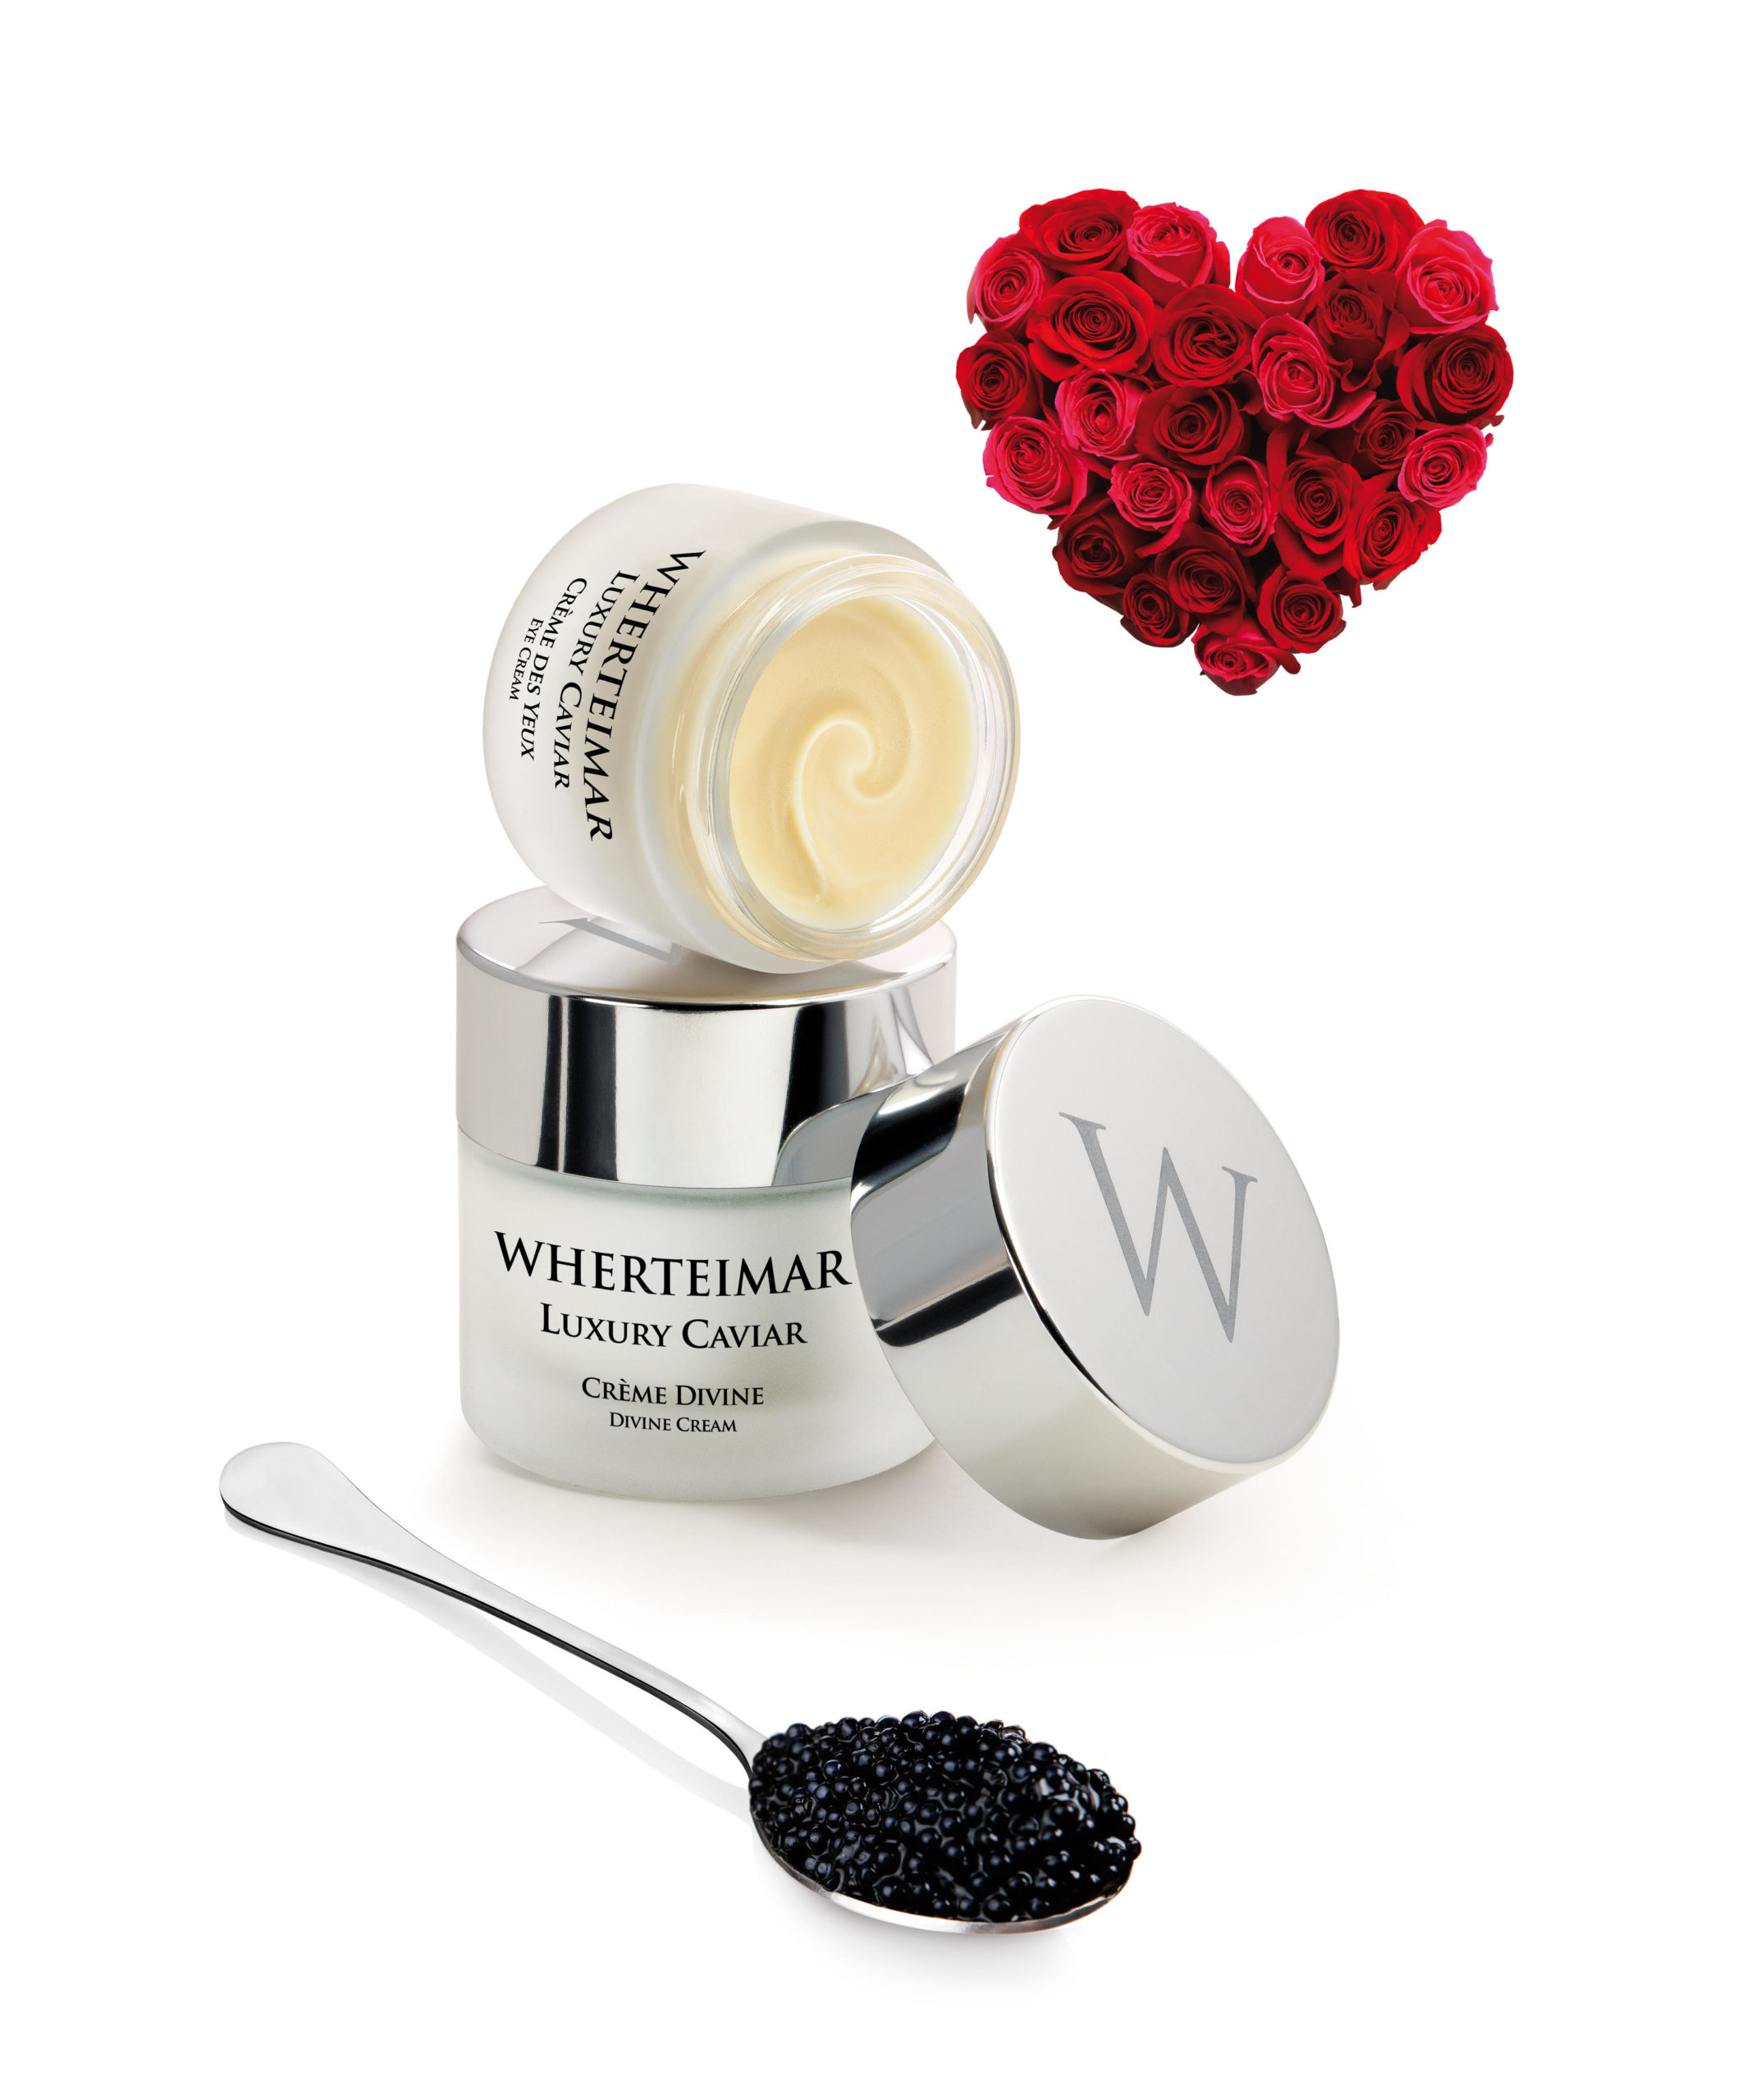 Crema de Ojos + Crema Divina de Wherteimar